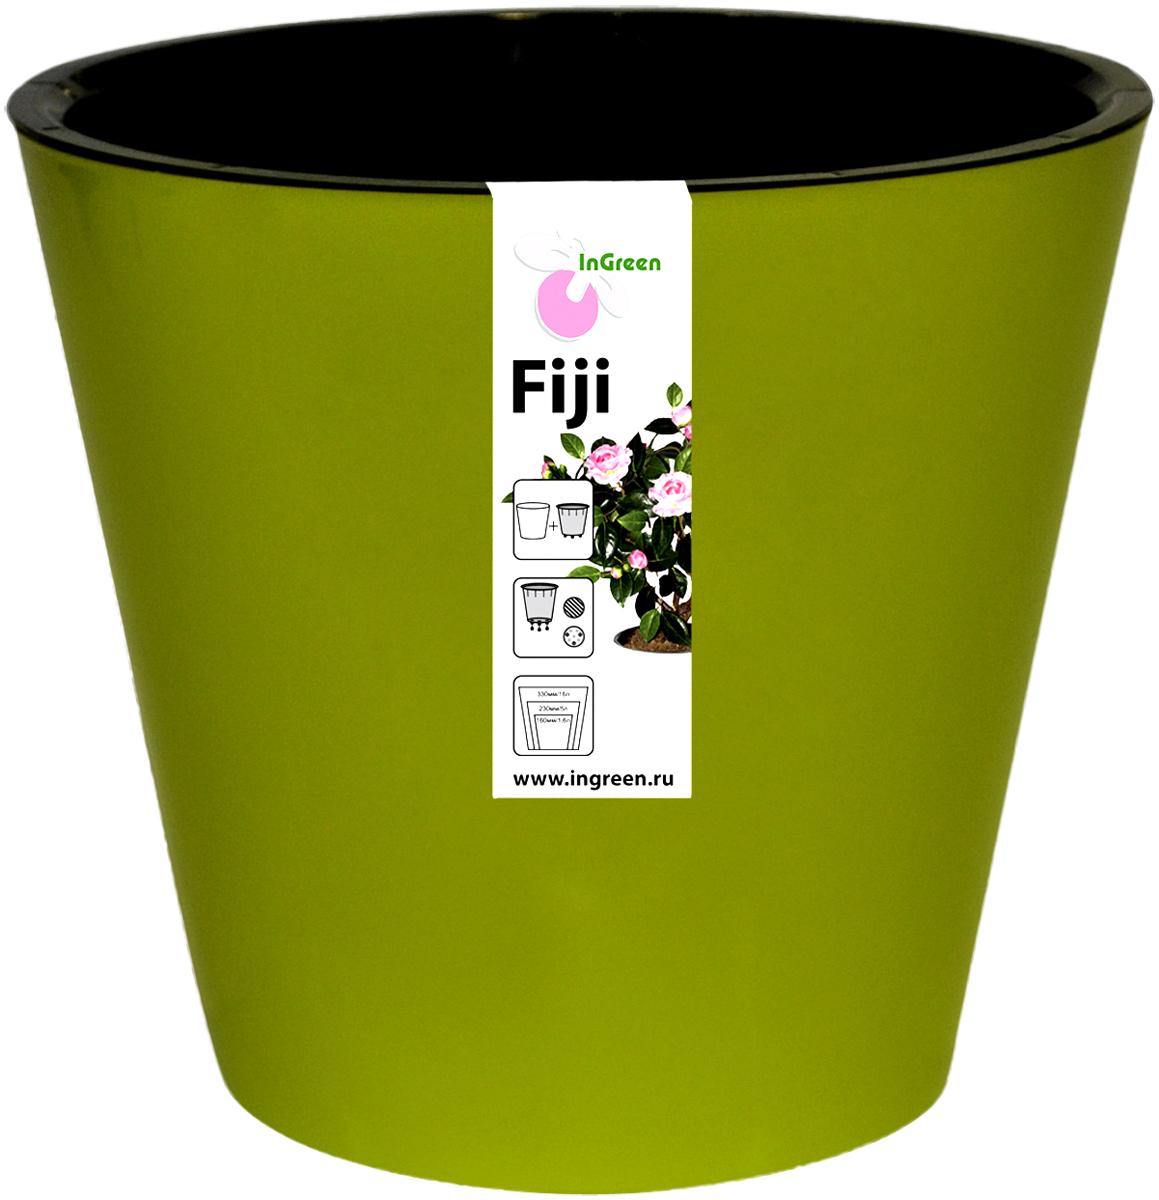 Горшок для цветов InGreen Фиджи, с ситемой автополива, цвет: салатовый, диаметр 16 смSS 4041Горшок InGreen Фиджи, выполненный из высококачественного пластика, предназначен для выращивания комнатных цветов, растений и трав. Специальная конструкция обеспечивает вентиляцию в корневой системе растения, а дренажные отверстия позволяют выходить лишней влаге из почвы. Изделие состоит из цветного кашпо и внутреннего горшка. Растение высаживается во внутренний горшок и вставляется в кашпо. Инновационная система автополива обладает рядом преимуществ: экономит время при уходе за растением, вода не протекает при поливе и нет необходимости в подставке, корни не застаиваются в воде.Такой горшок порадует вас современным дизайном и функциональностью, а также оригинально украсит интерьер любого помещения. Объем: 1,6 л. Диаметр (по верхнему краю): 16 см.Высота: 14,5 см.